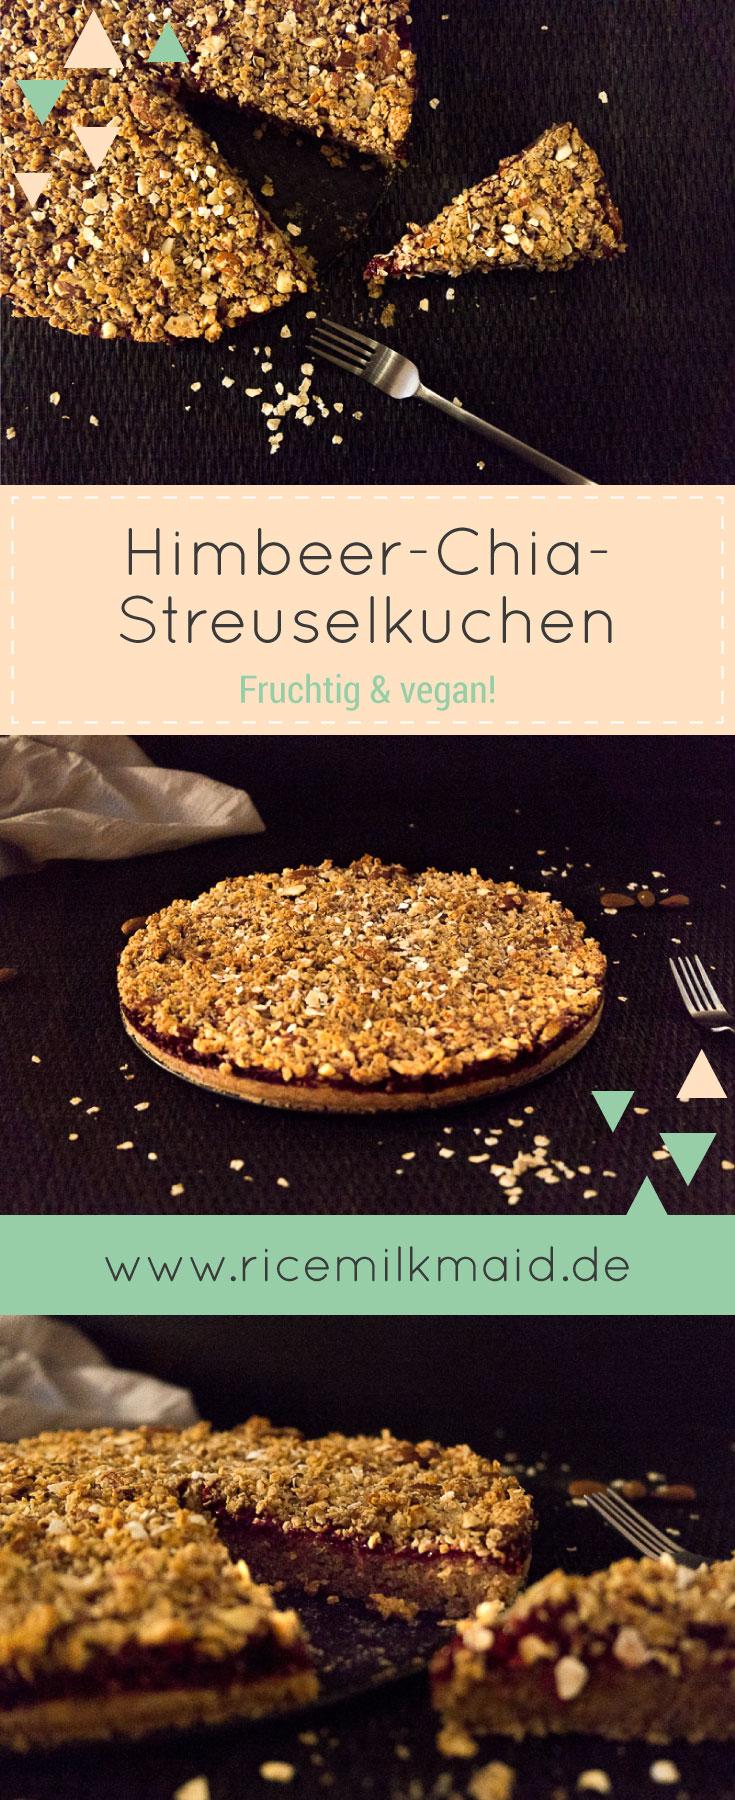 Fruchtiger Himbeer-Chia-Streuselkuchen. Komplett vegan und ziemlich gesund. ♥ | Ricemilkmaid Blog